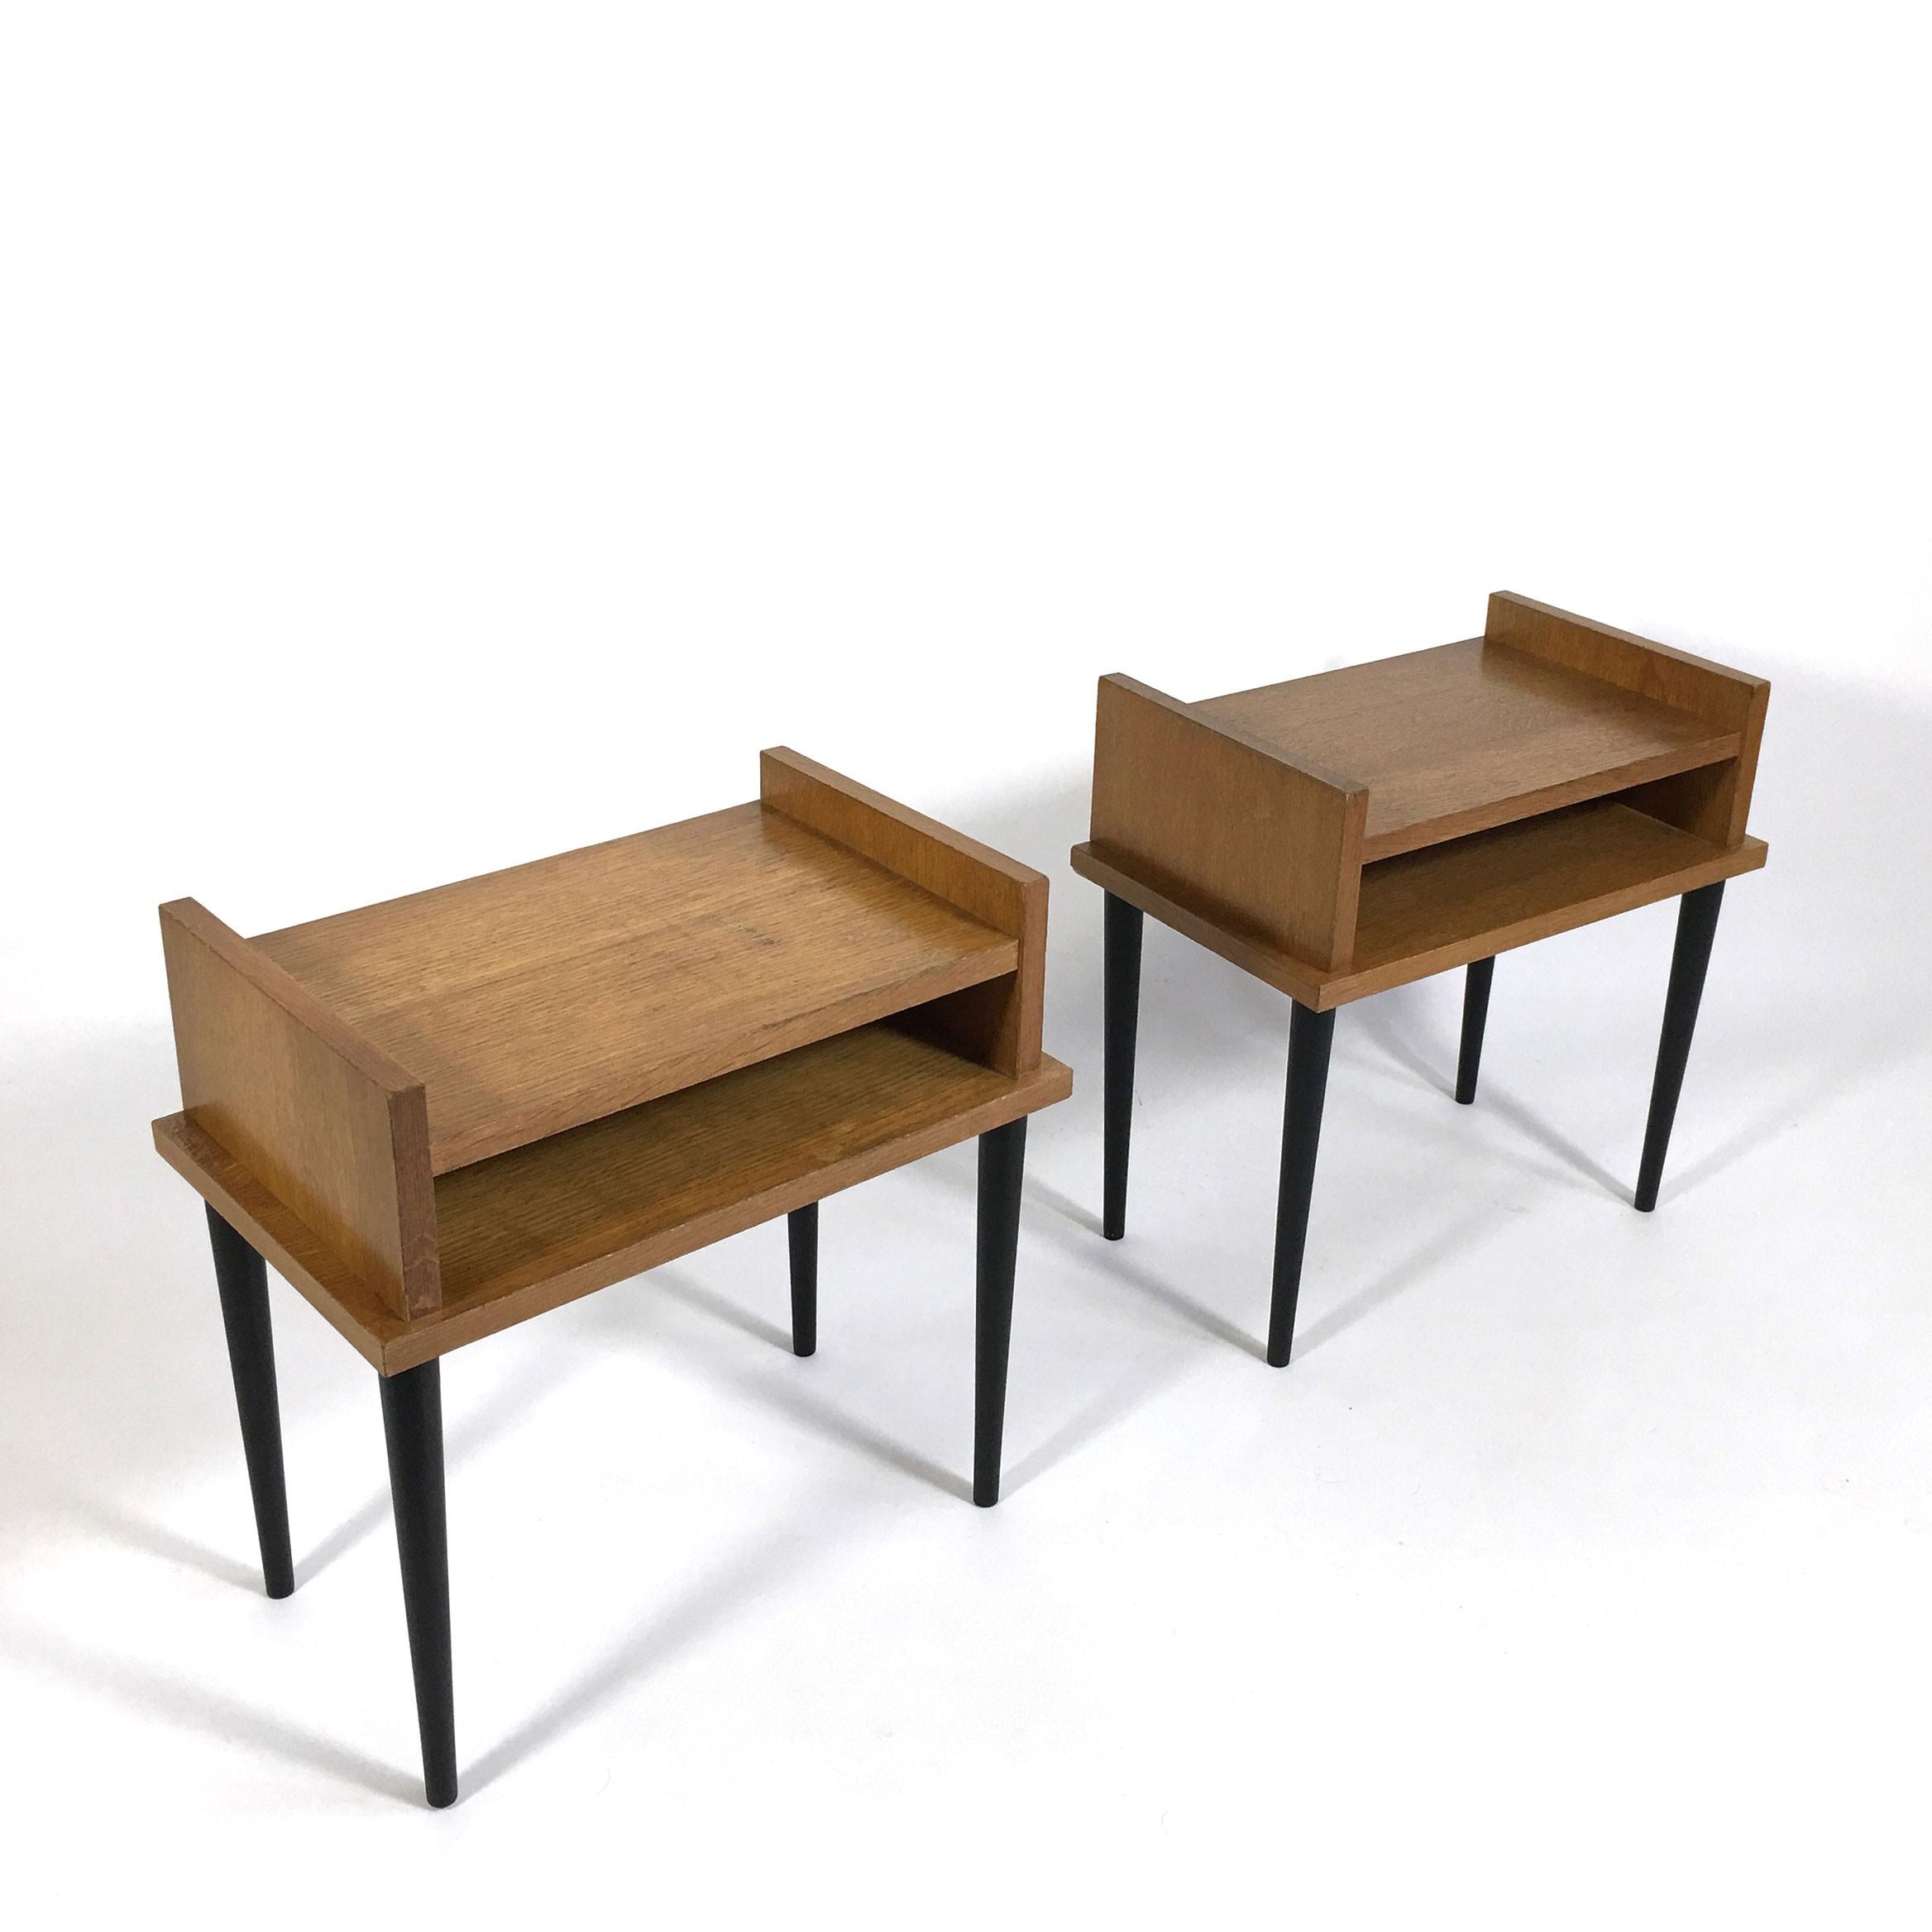 Pair of vintage bedside tables - 1960s - Design Market